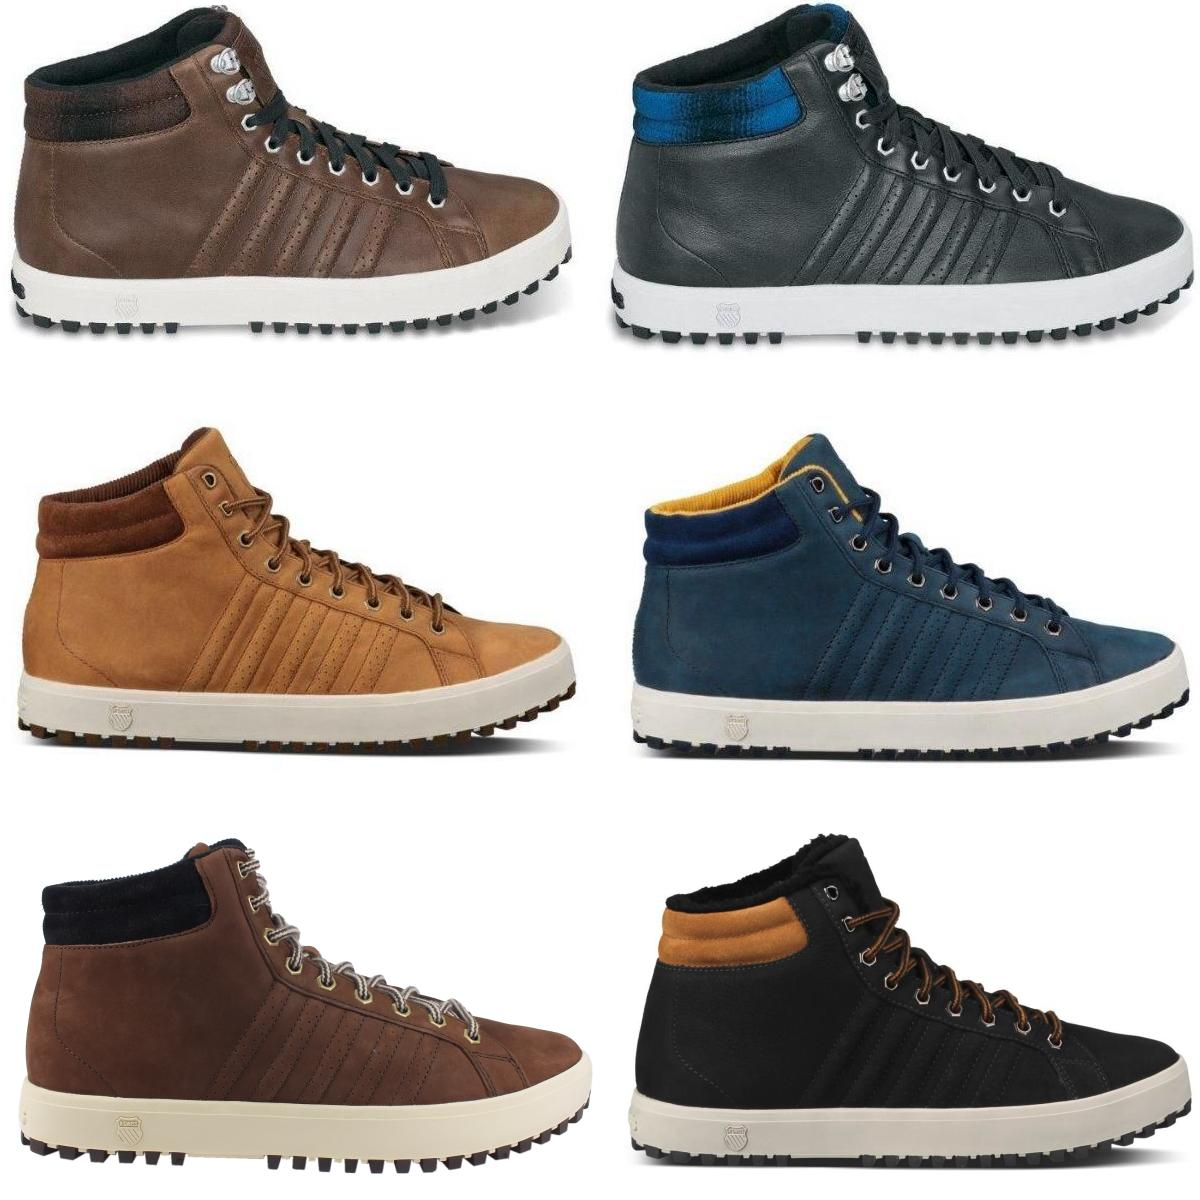 K-Swiss-Adcourt-72-Boot-Schuhe-Winterschuhe-Sneaker-Winter-gefuettert-Herren